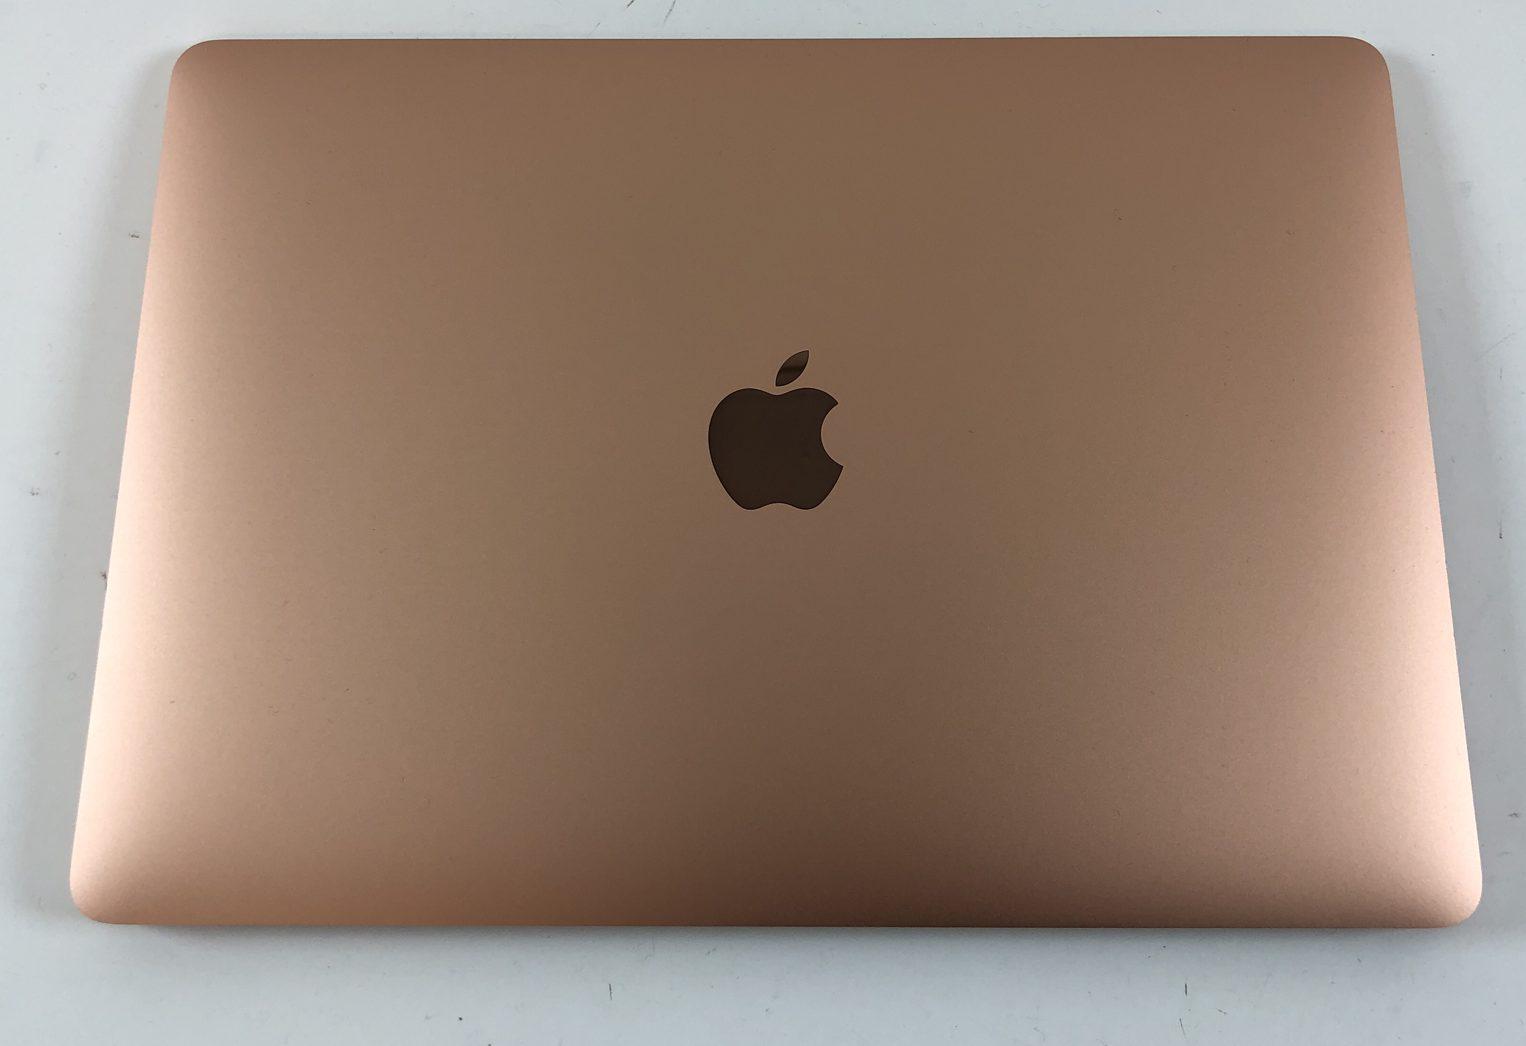 """MacBook Air 13"""" Mid 2019 (Intel Core i5 1.6 GHz 8 GB RAM 128 GB SSD), Gold, Intel Core i5 1.6 GHz, 8 GB RAM, 128 GB SSD, bild 2"""